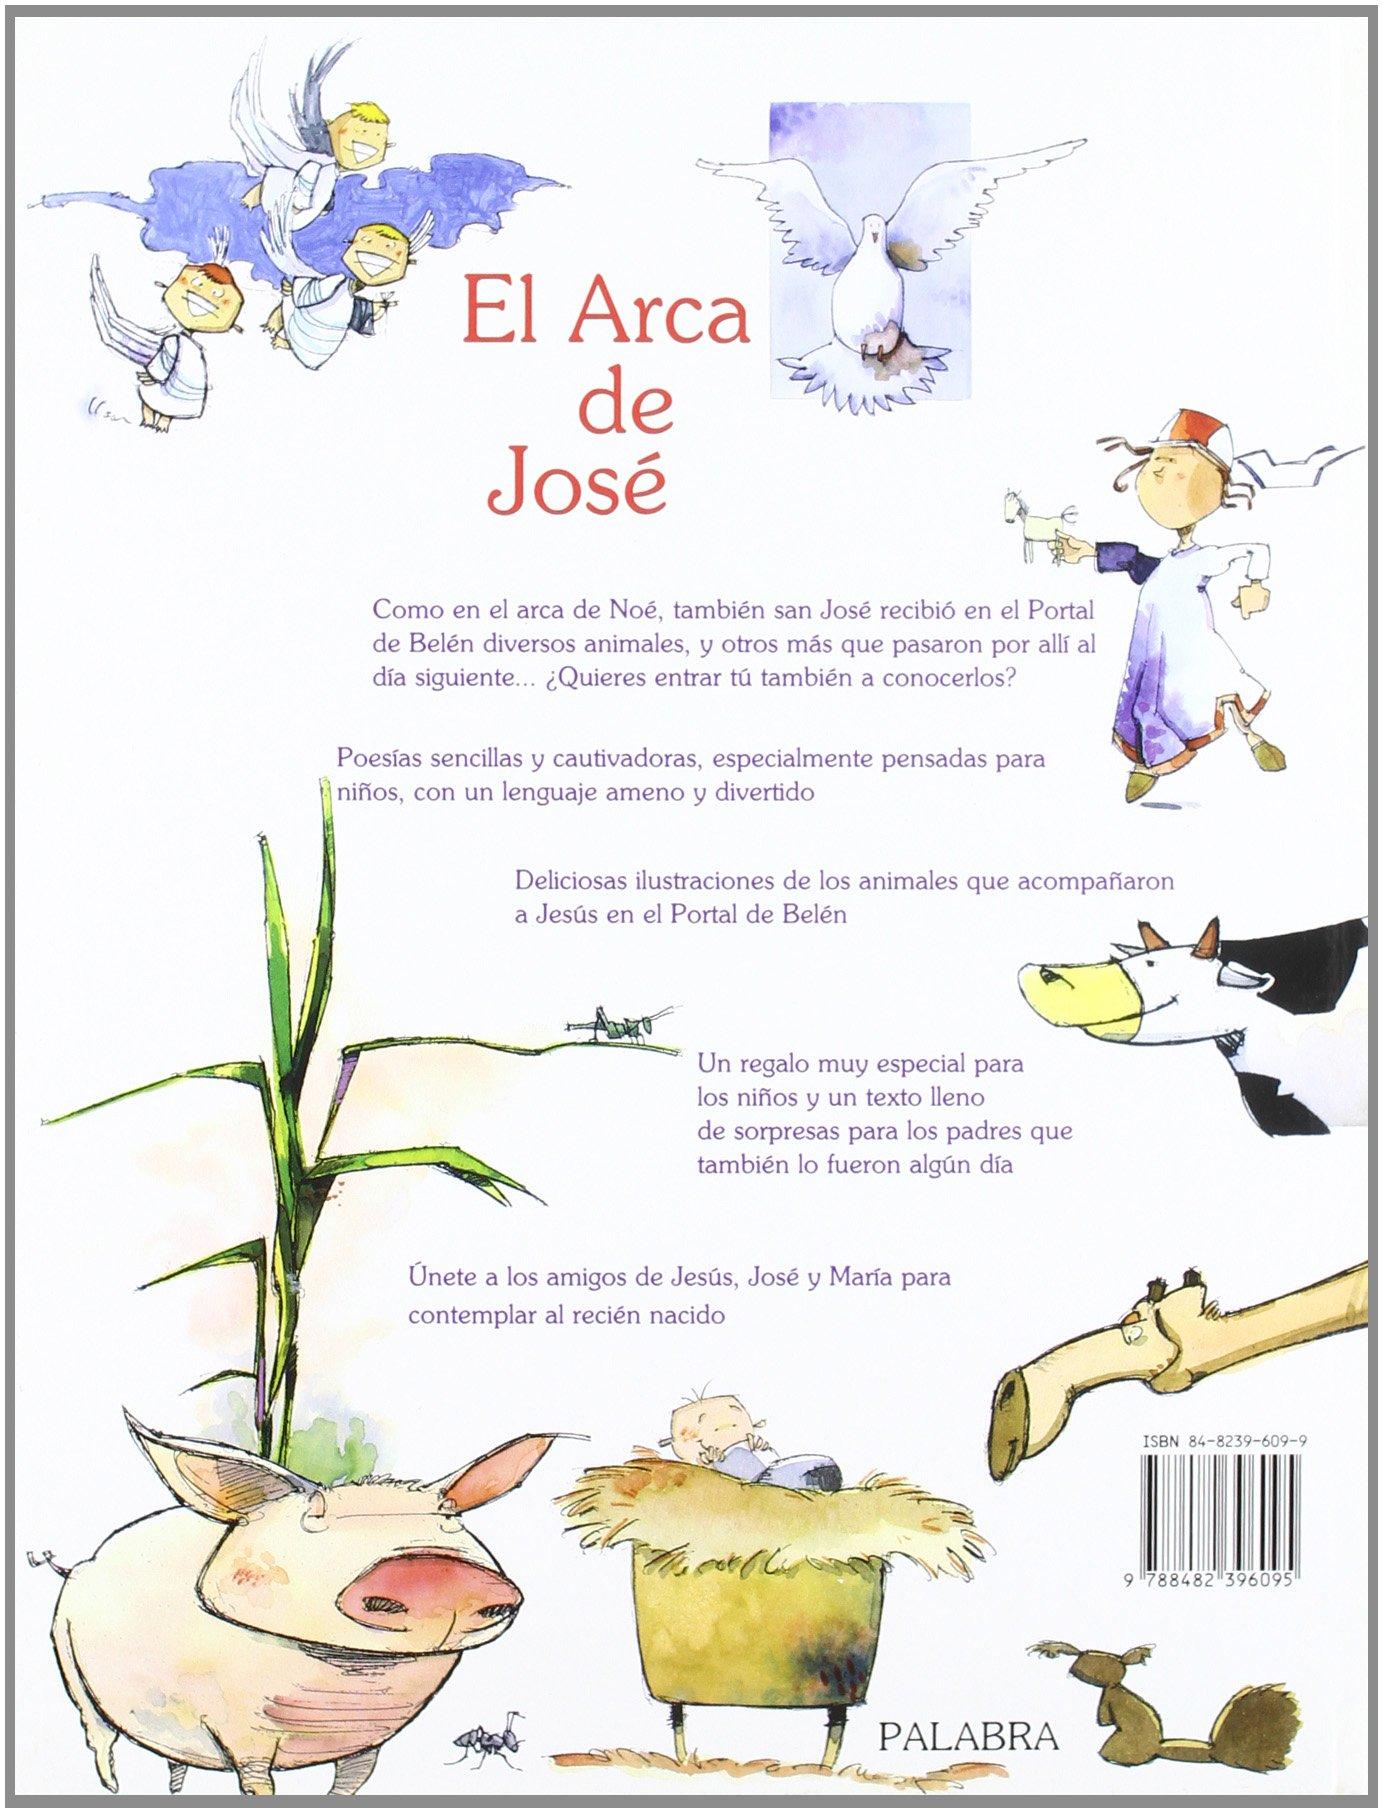 El arca de José: José Miguel Granados: 9788482396095: Amazon.com: Books